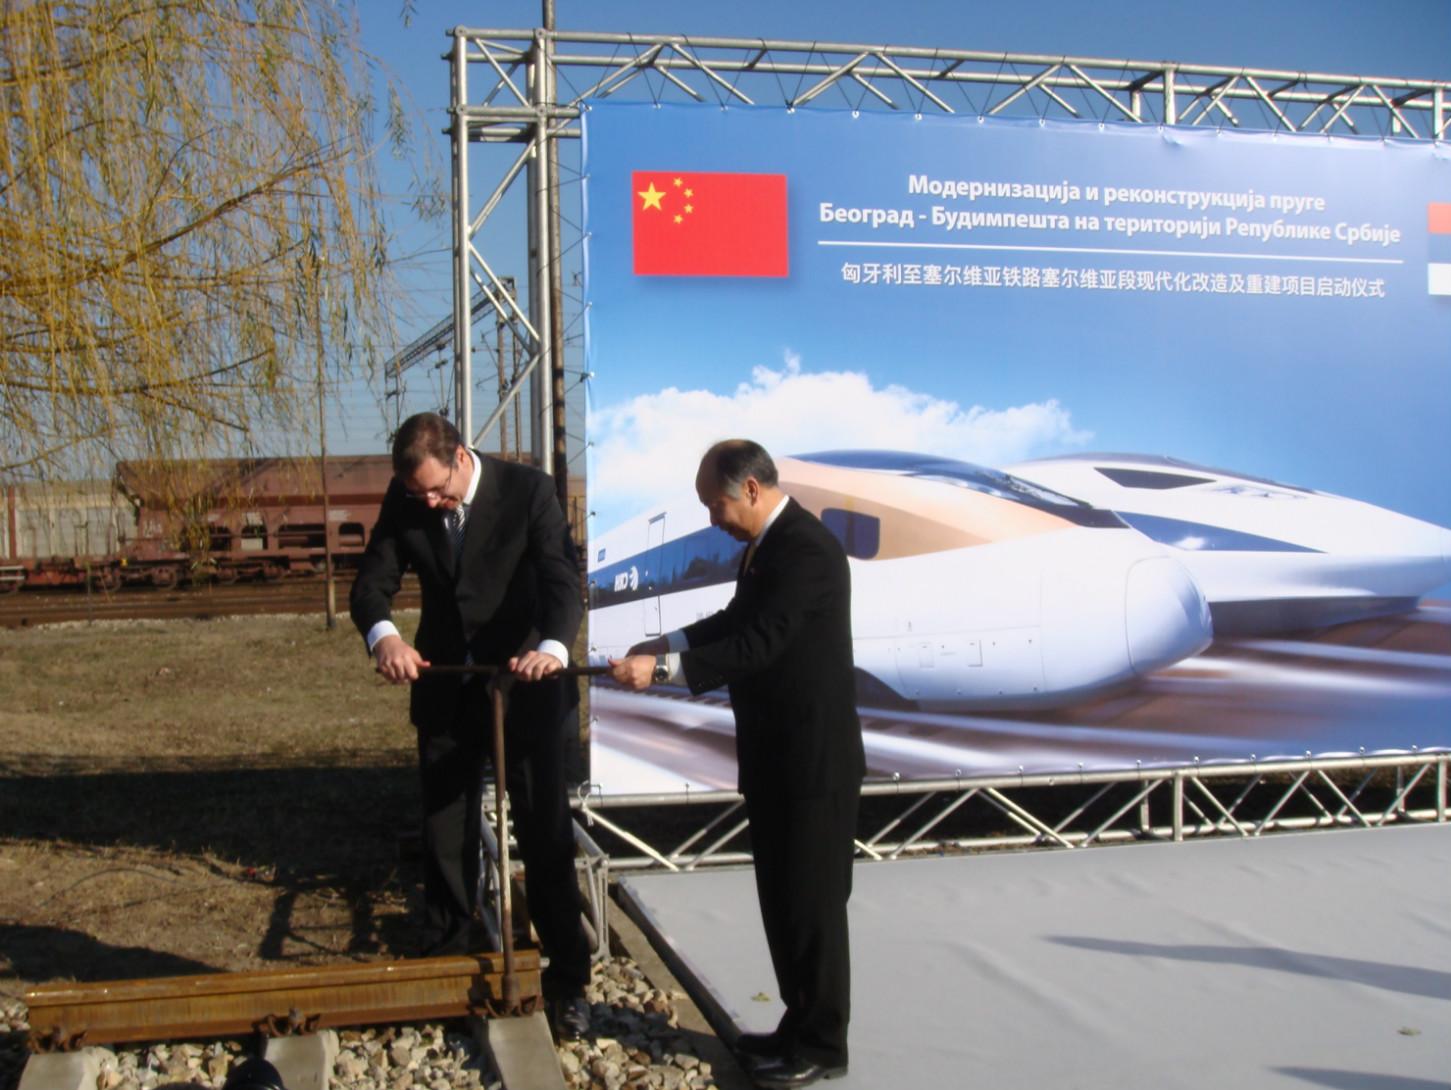 无视美国警告,匈牙利将高铁、5G托付中国,匈牙利人:相信华为